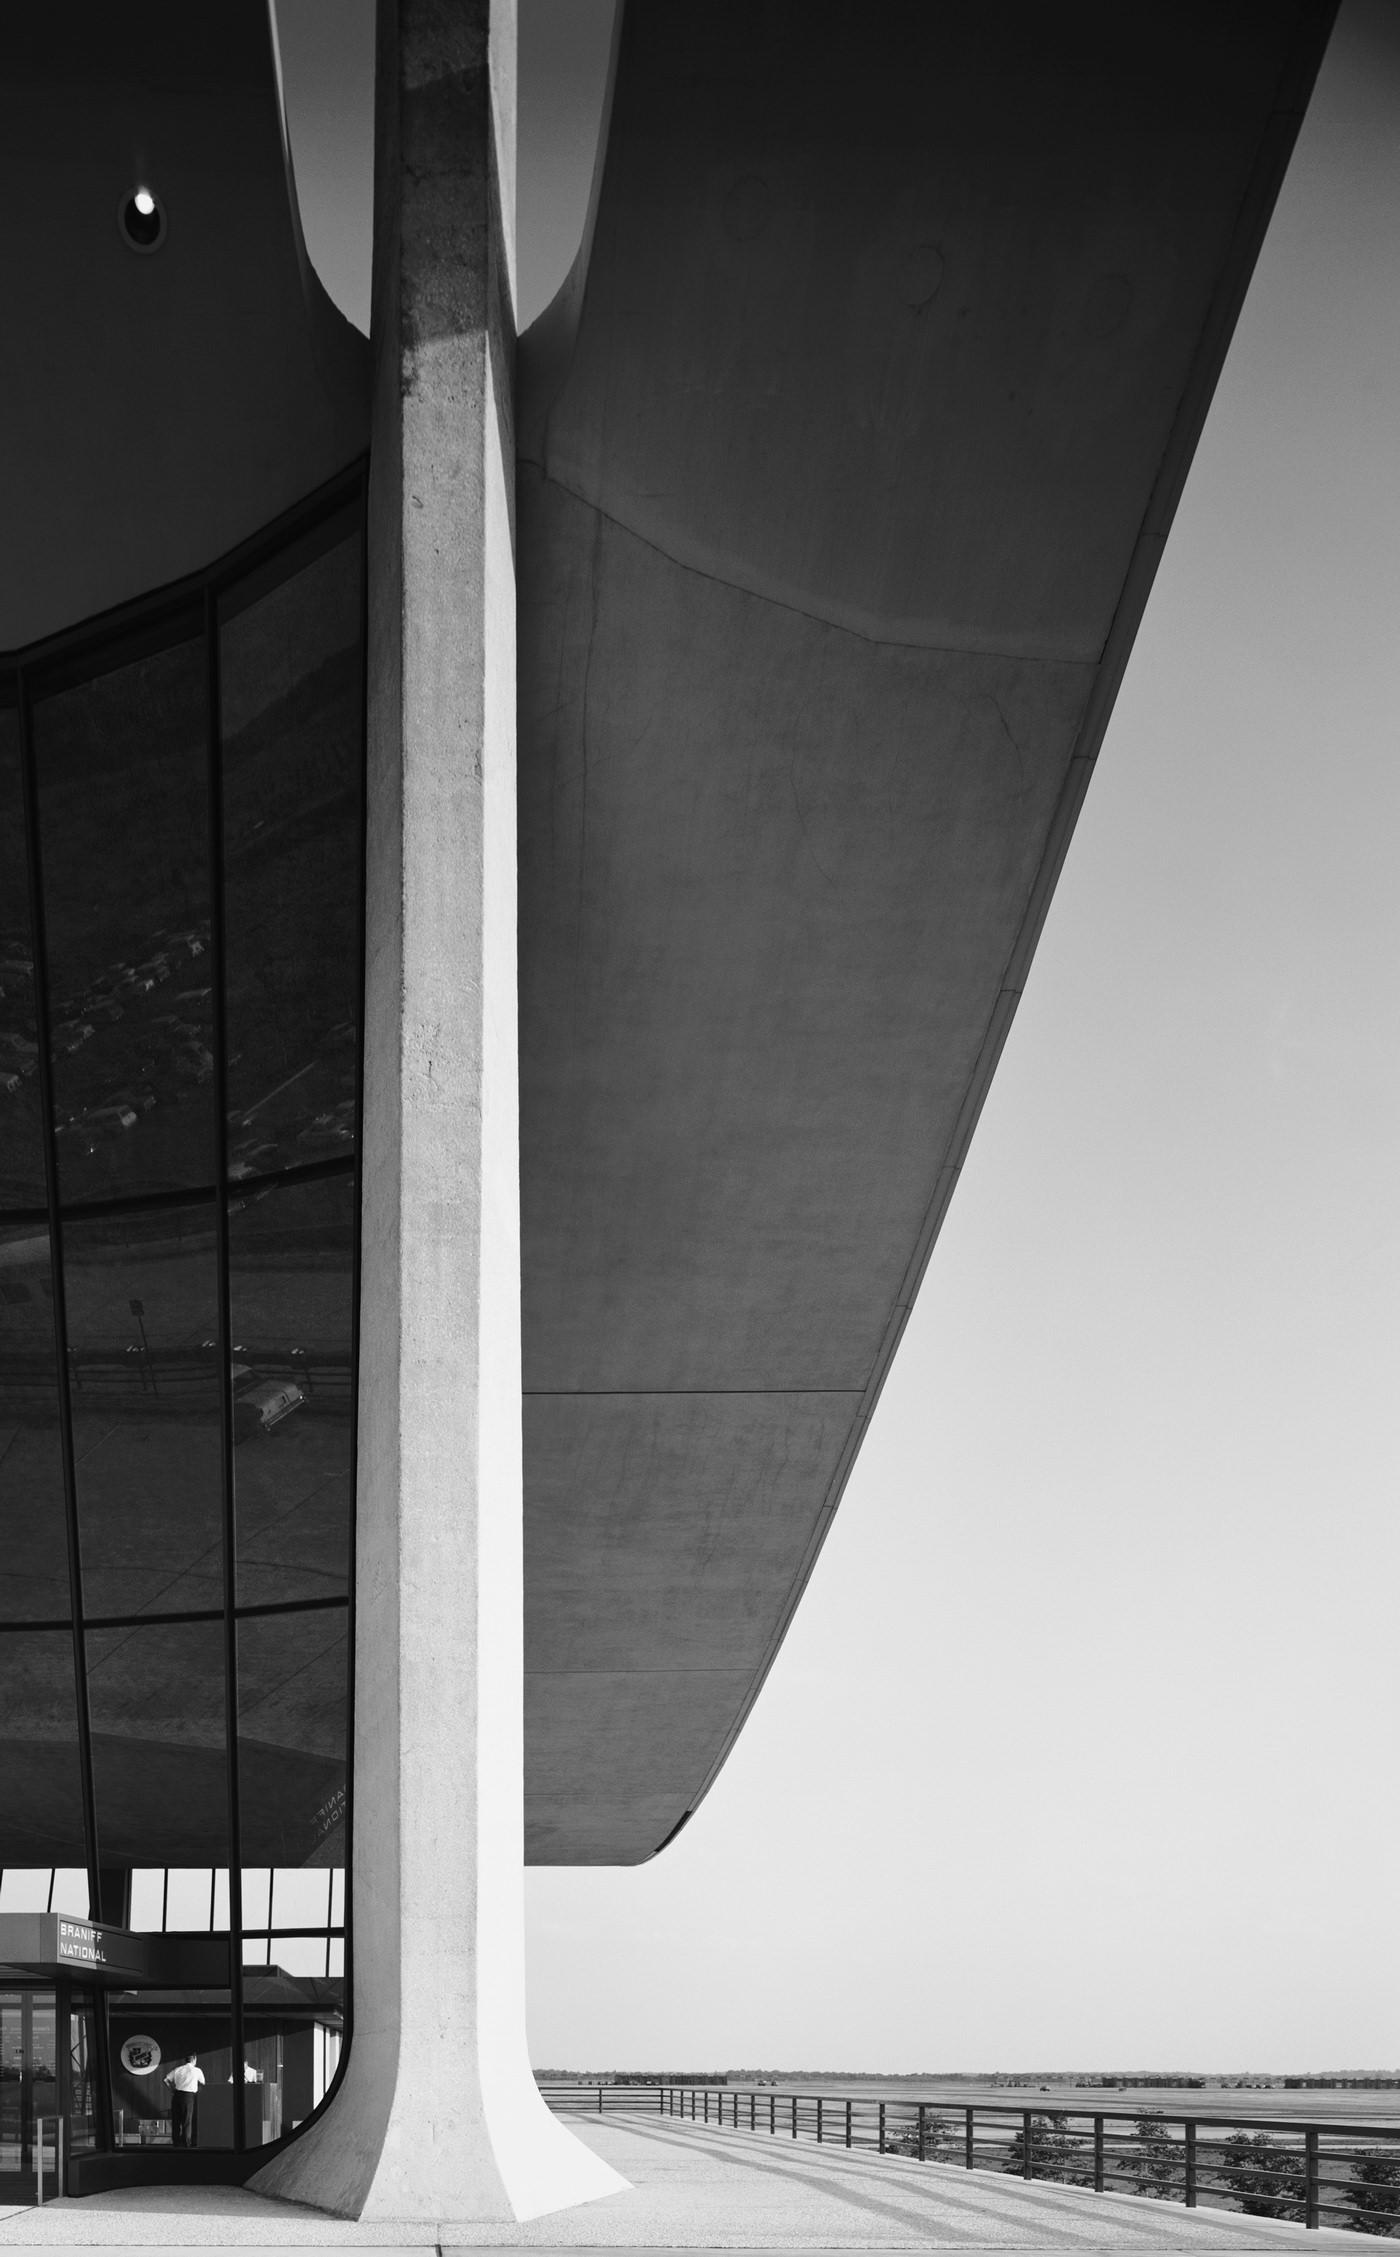 Эзра Столлер. Аэропорт им. Даллеса. Арх.: Ээро Сааринен. Шантильи, шт. Вирджиния, 1964